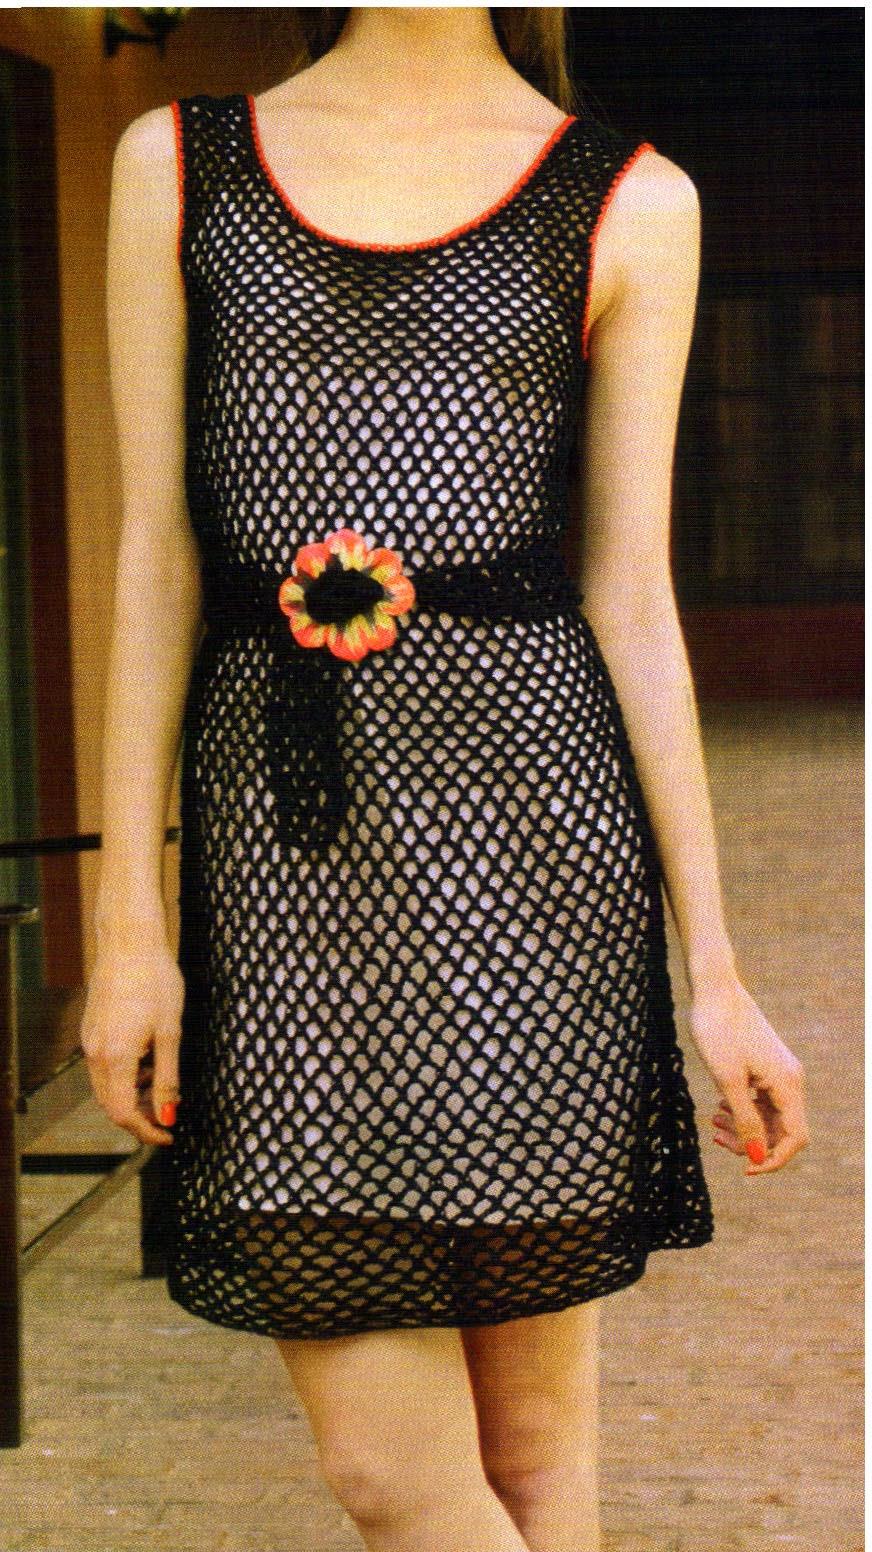 tejidos artesanales en crochet: vestido tejido en crochet en punto red